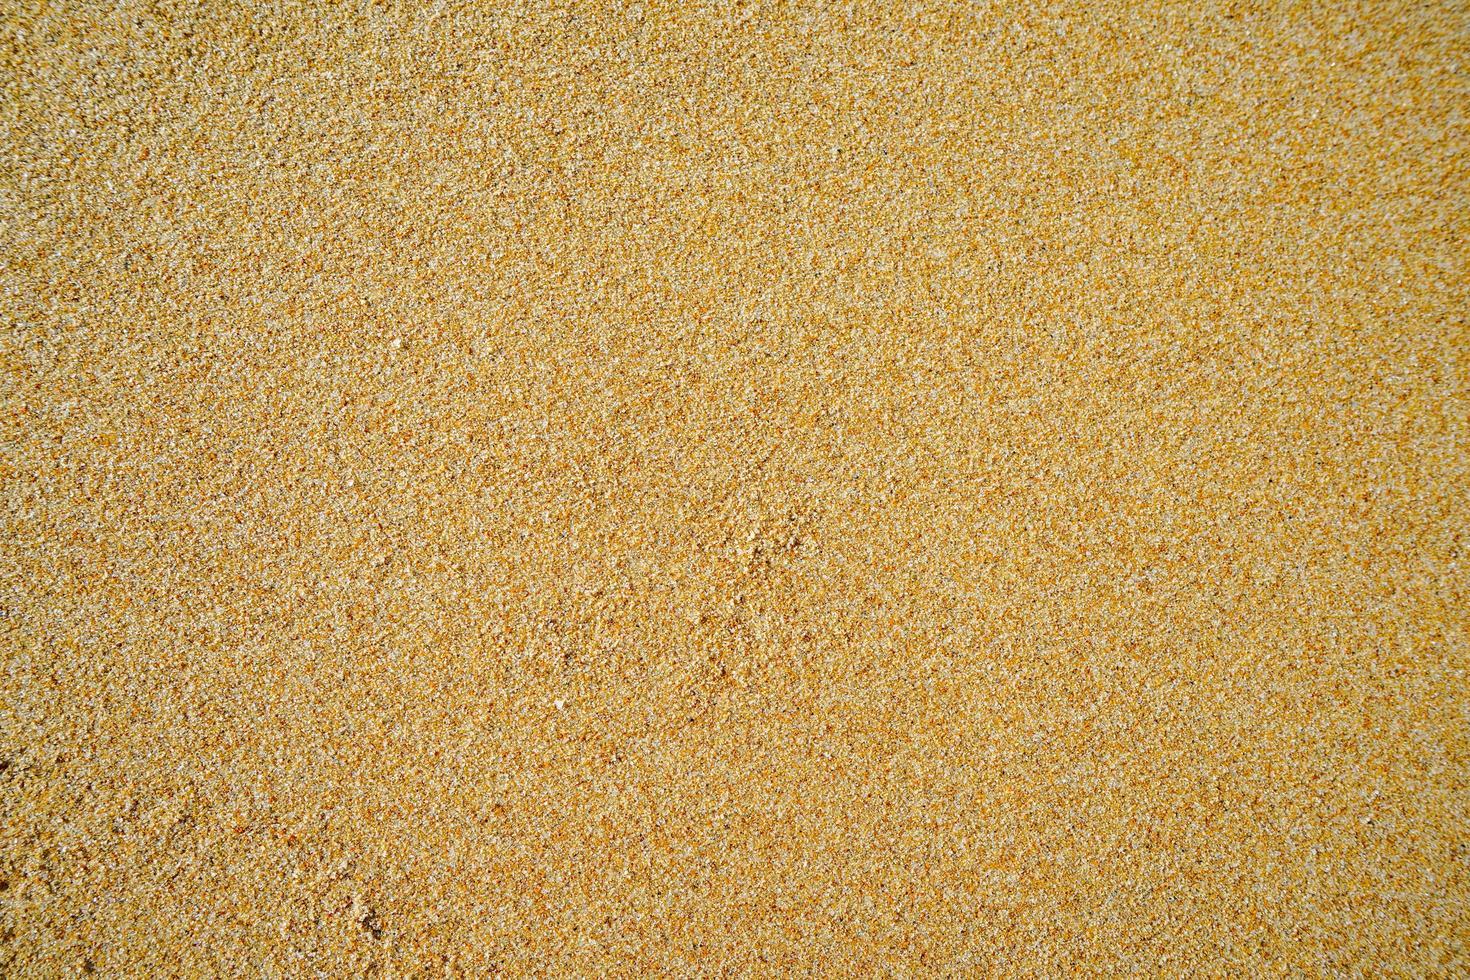 fundo natural com areia amarela foto